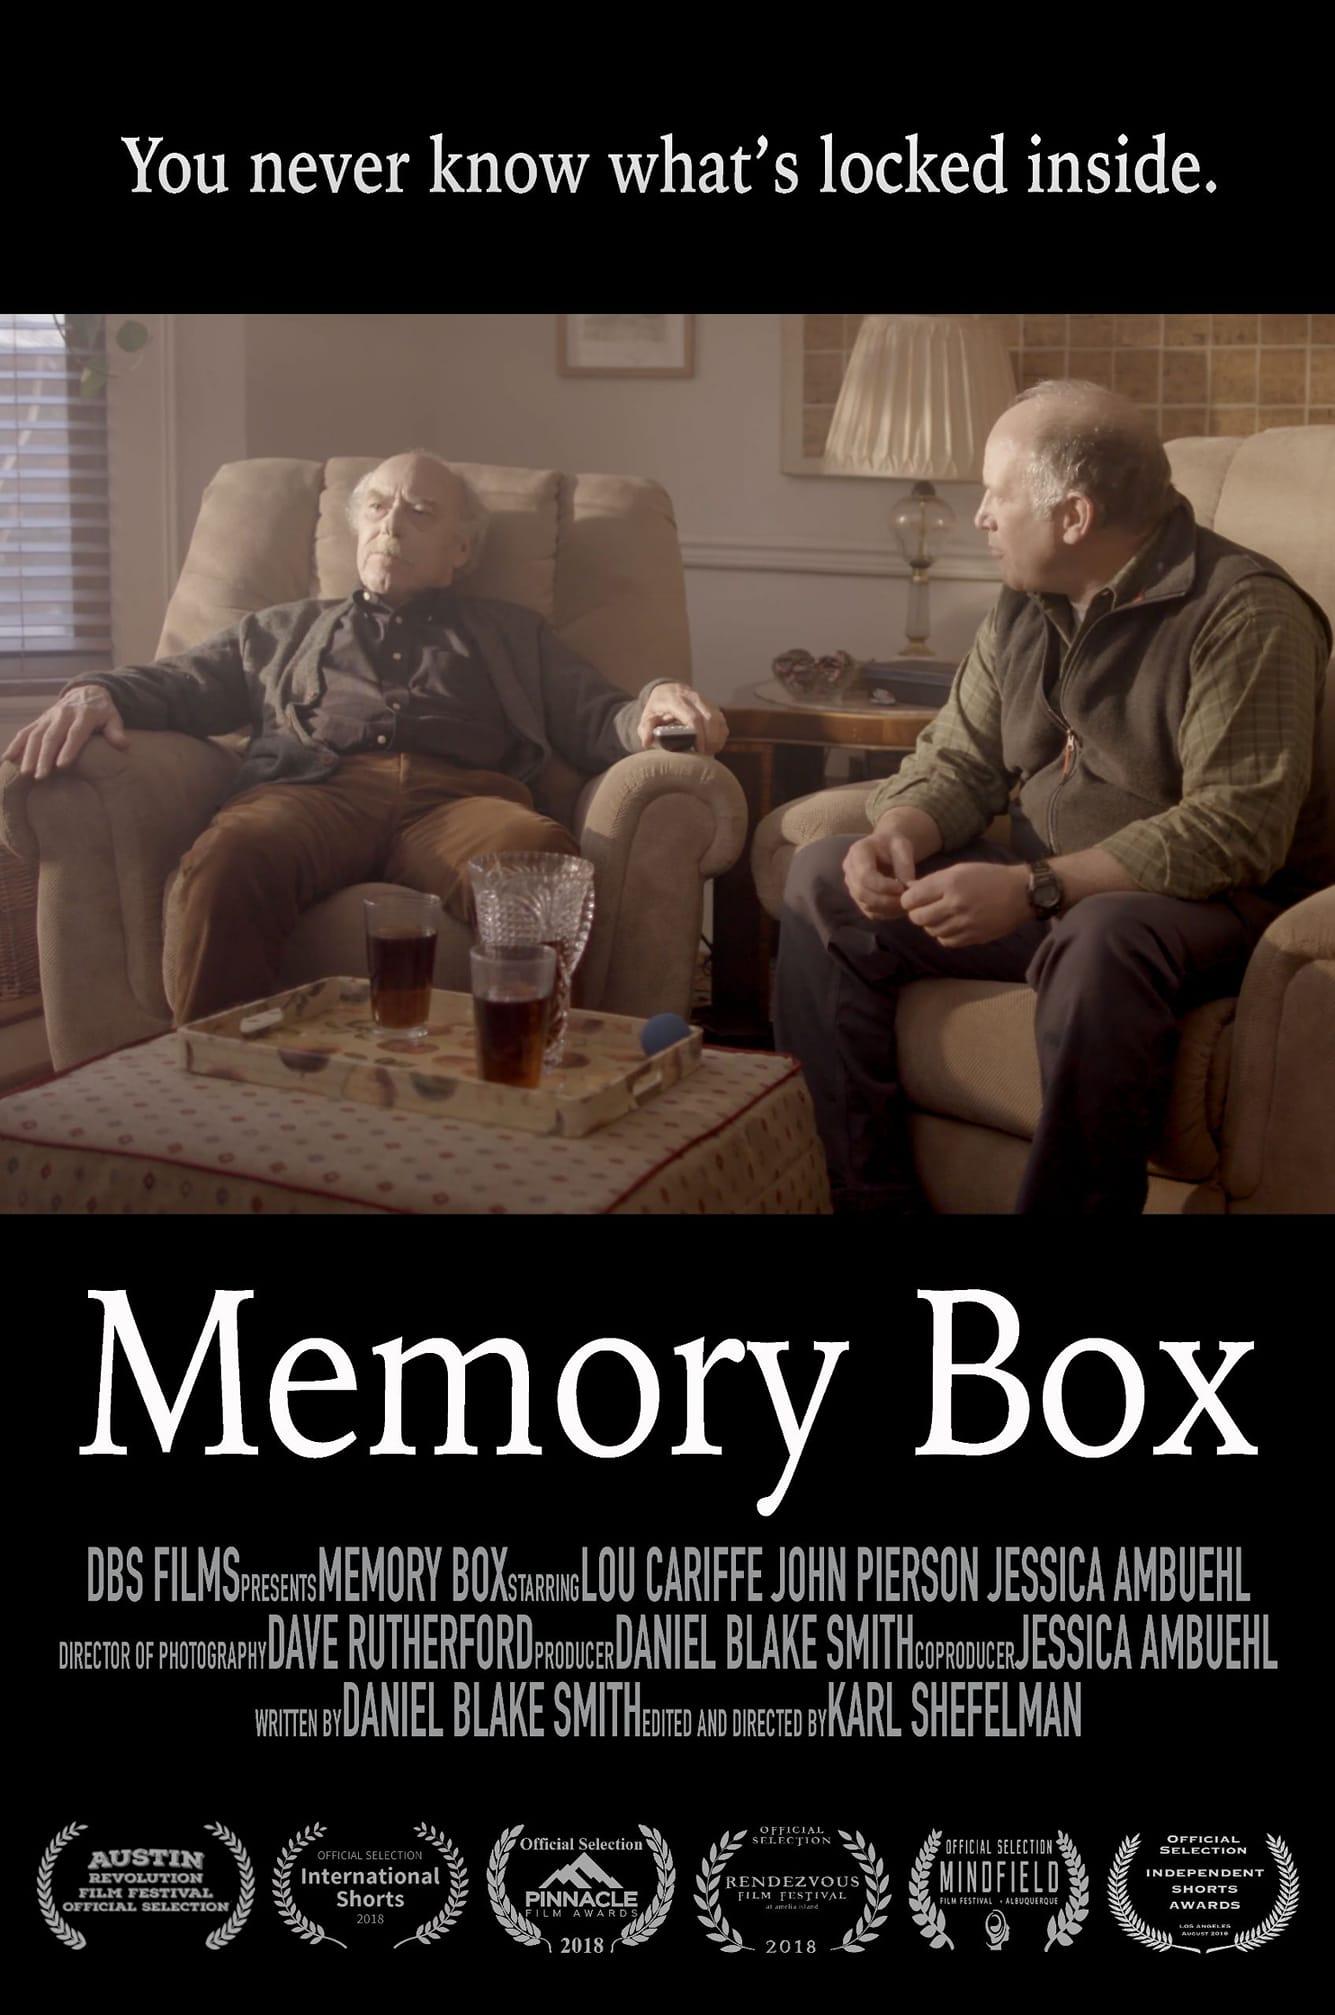 Memory Box poster